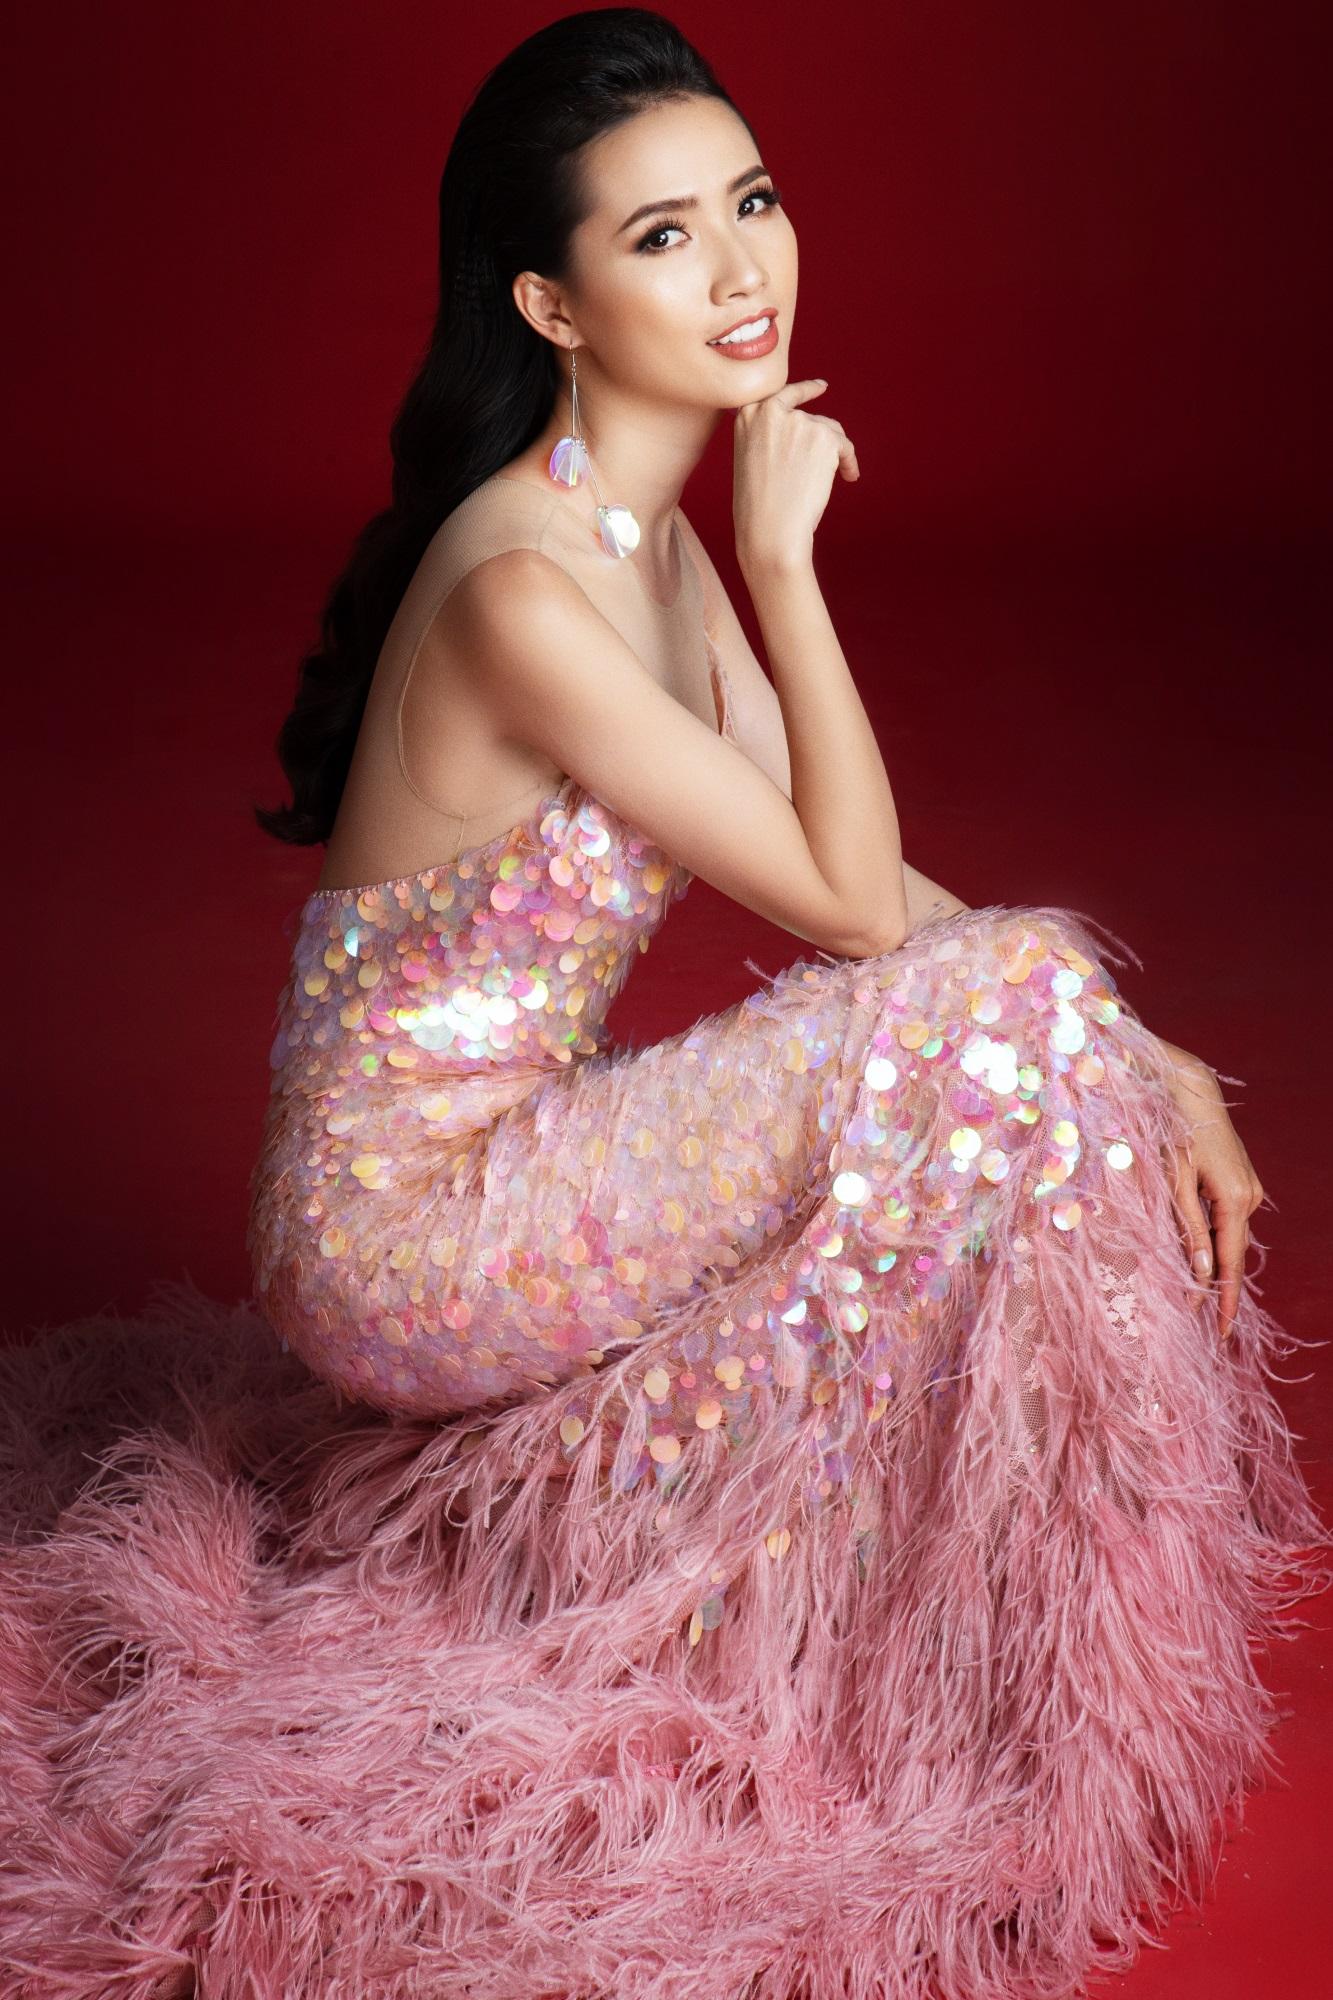 Phan Thị Mơ dẫn đầu bình chọn Nữ diễn viên truyền hình xuất sắc nhất Mai Vàng 2018 - Ảnh 10